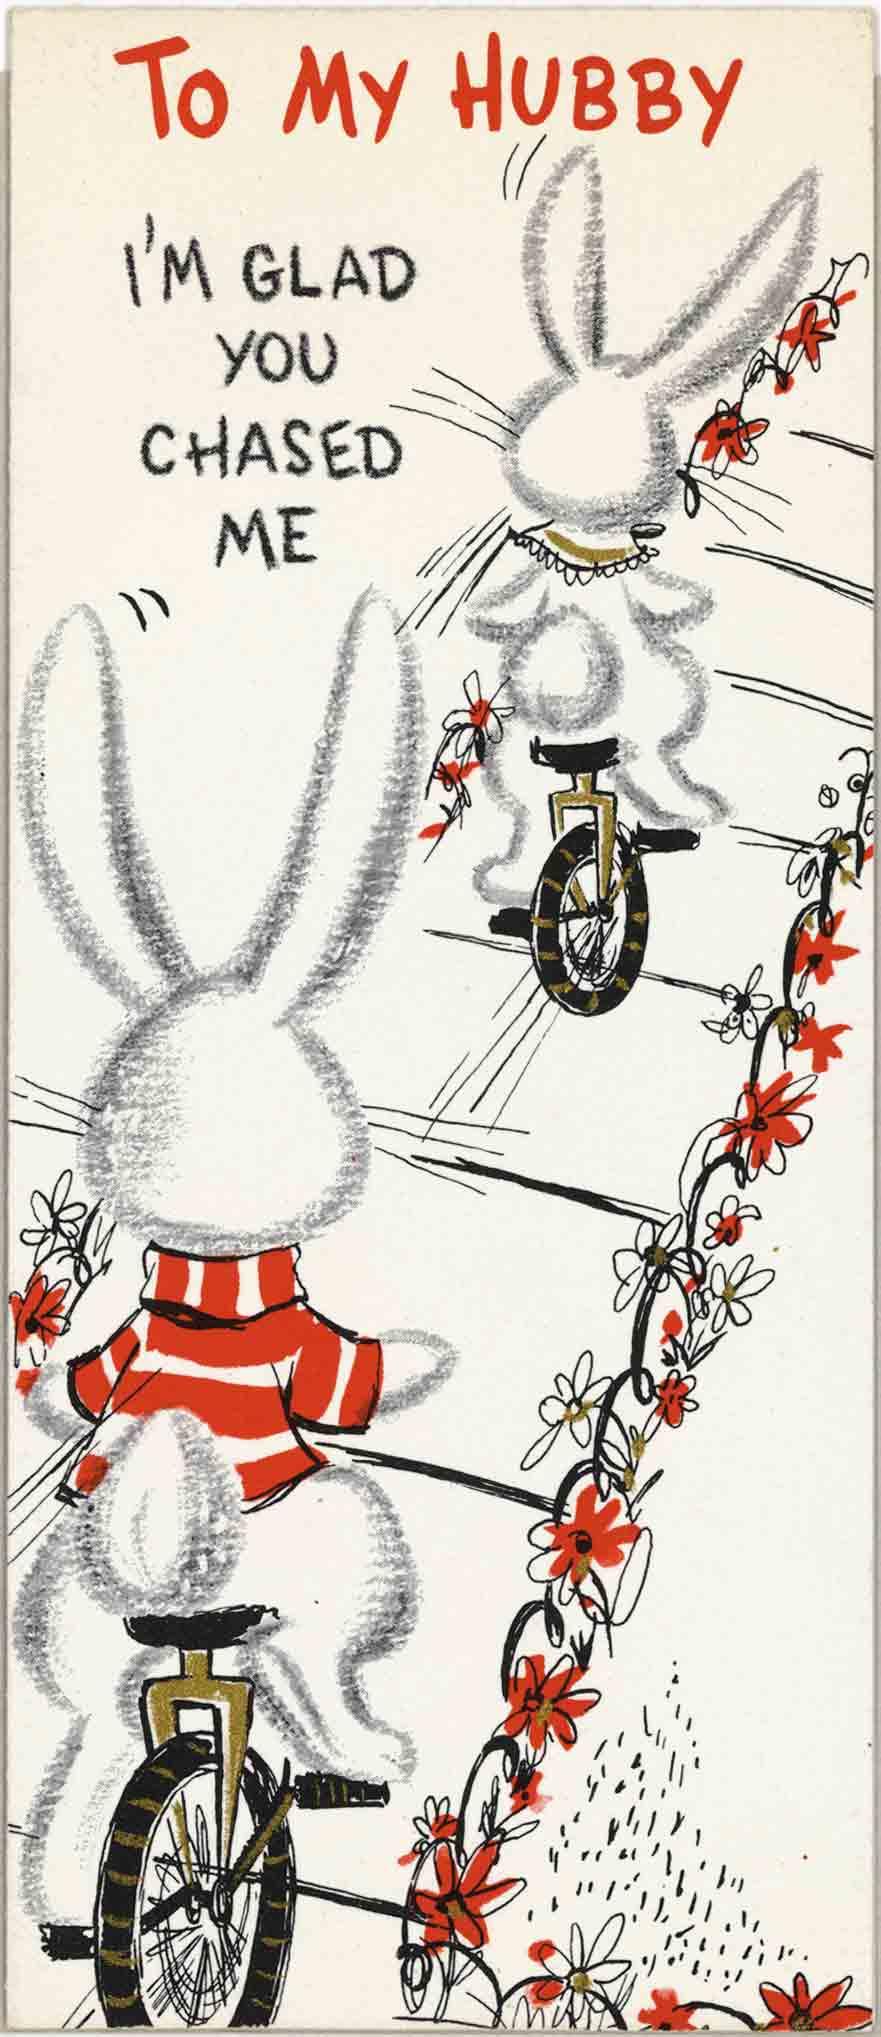 1958 Valentine's Day Card